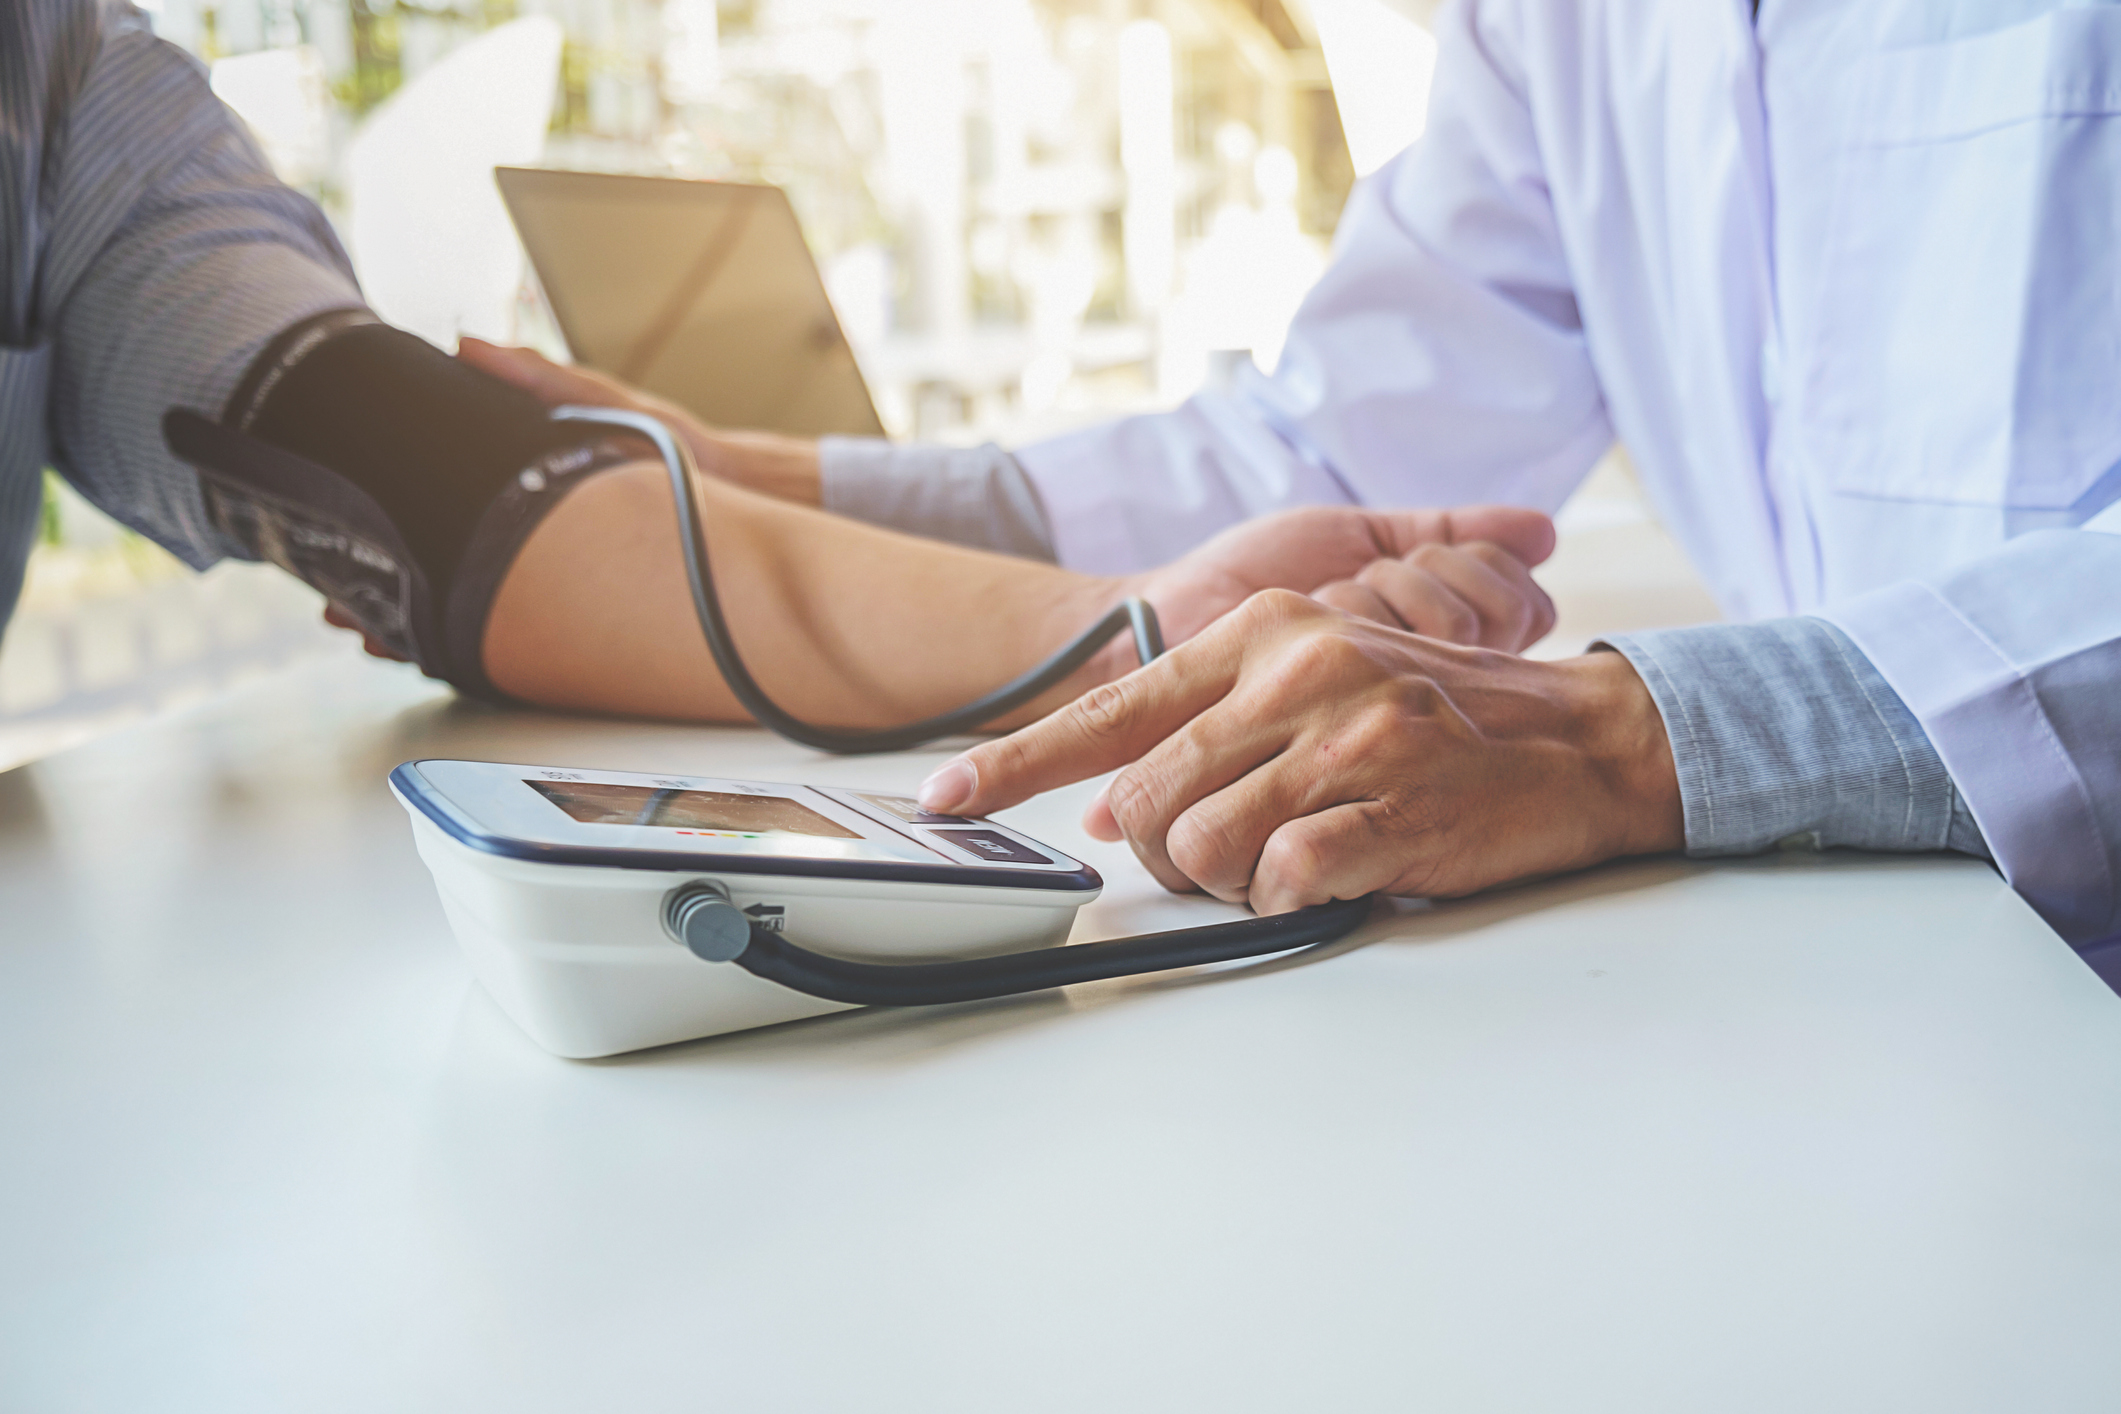 hogyan lehet támogatni a magas vérnyomásban szenvedő ereket lehetséges-e kompressziós harisnya viselése magas vérnyomás esetén